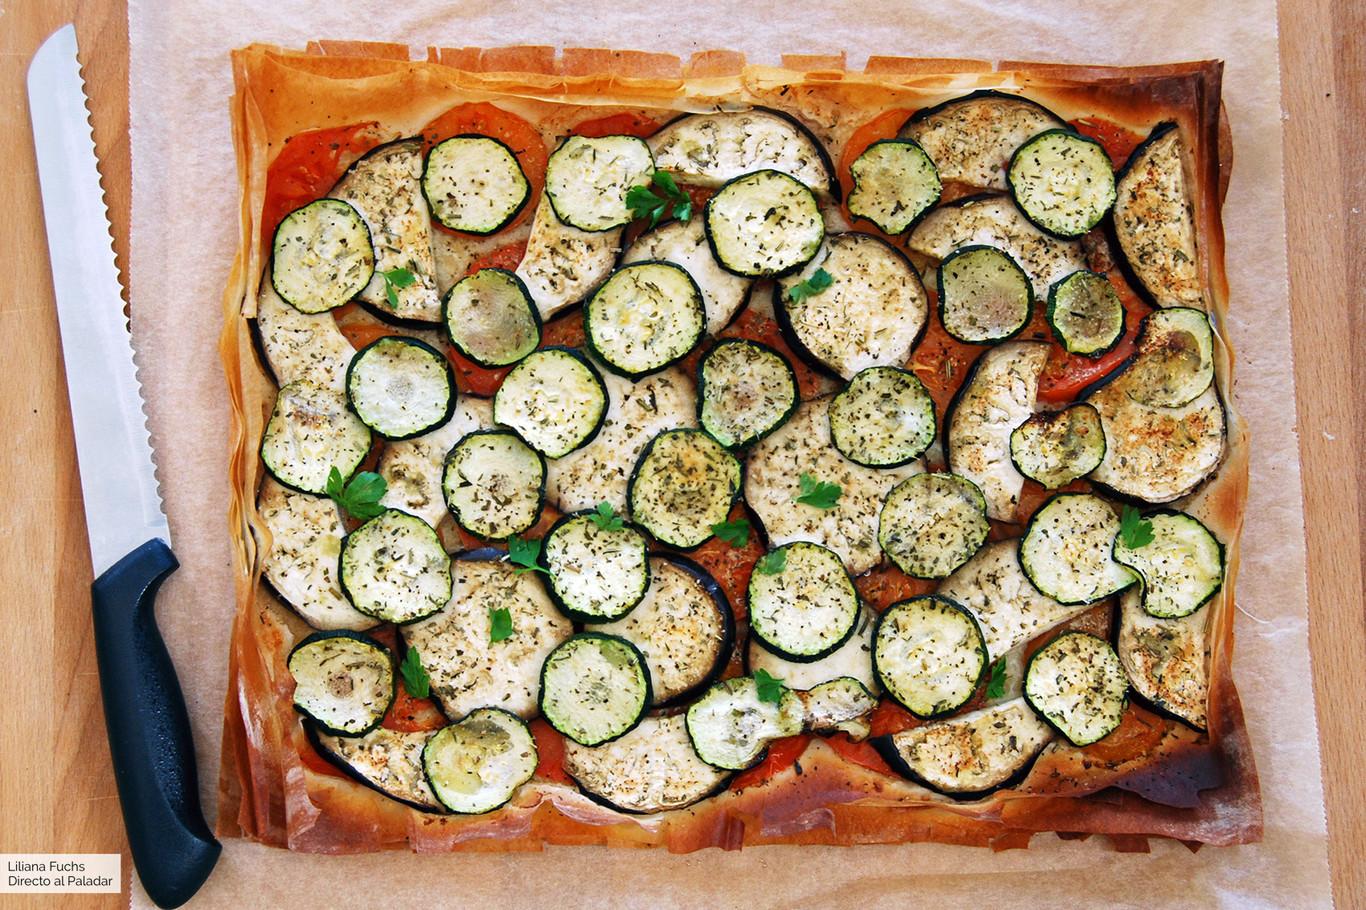 Tarta fácil de verduras con masa filo: receta vegetariana ligera y crujiente